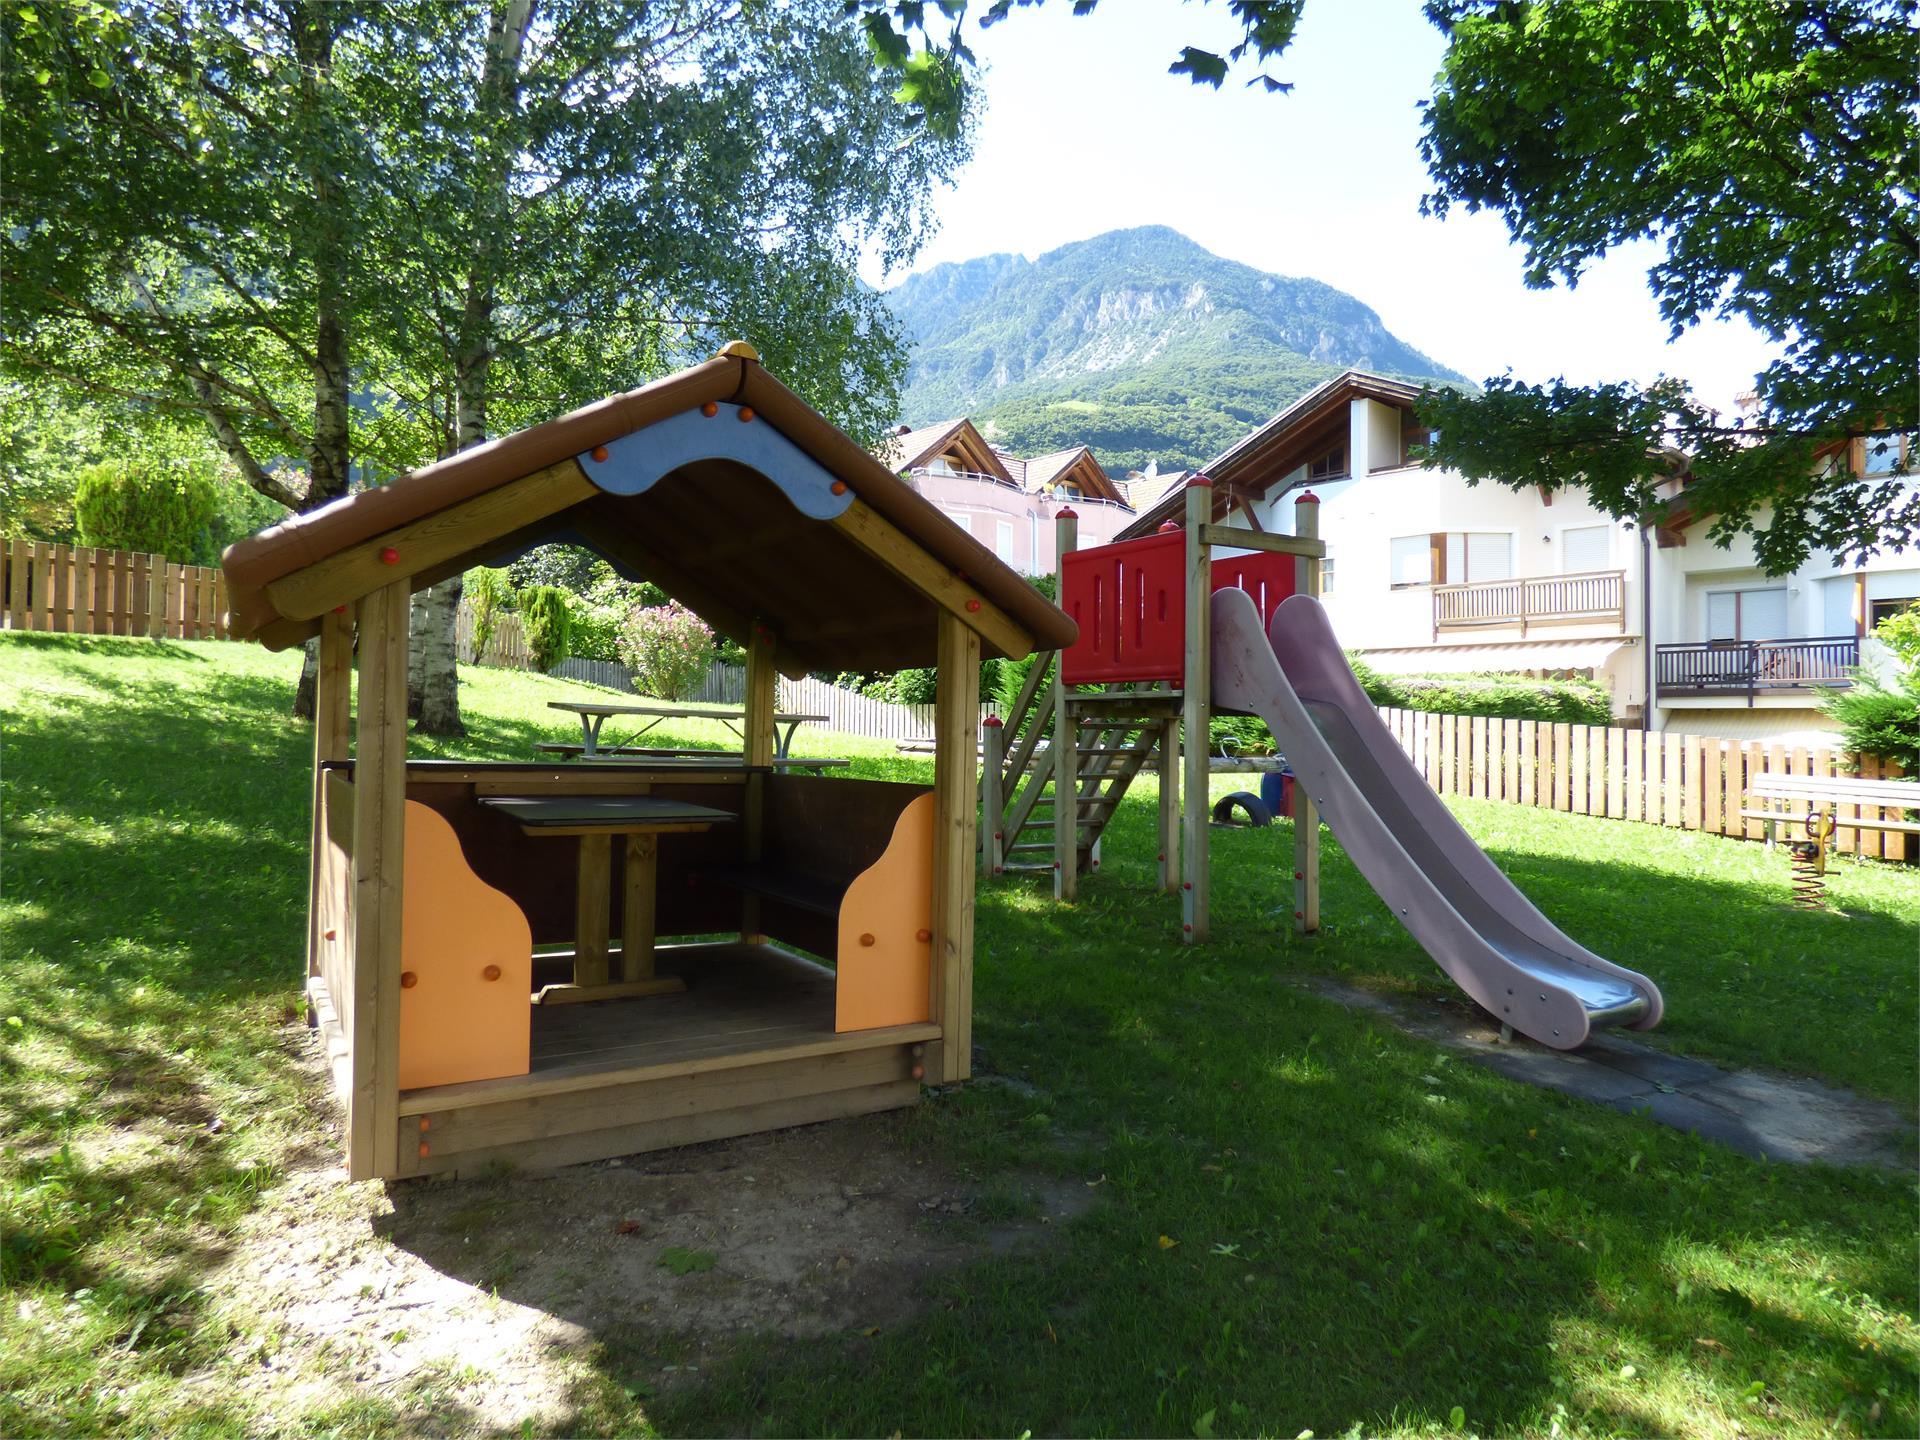 Kinderspielplatz in der Nähe des Restaurant Schießstand